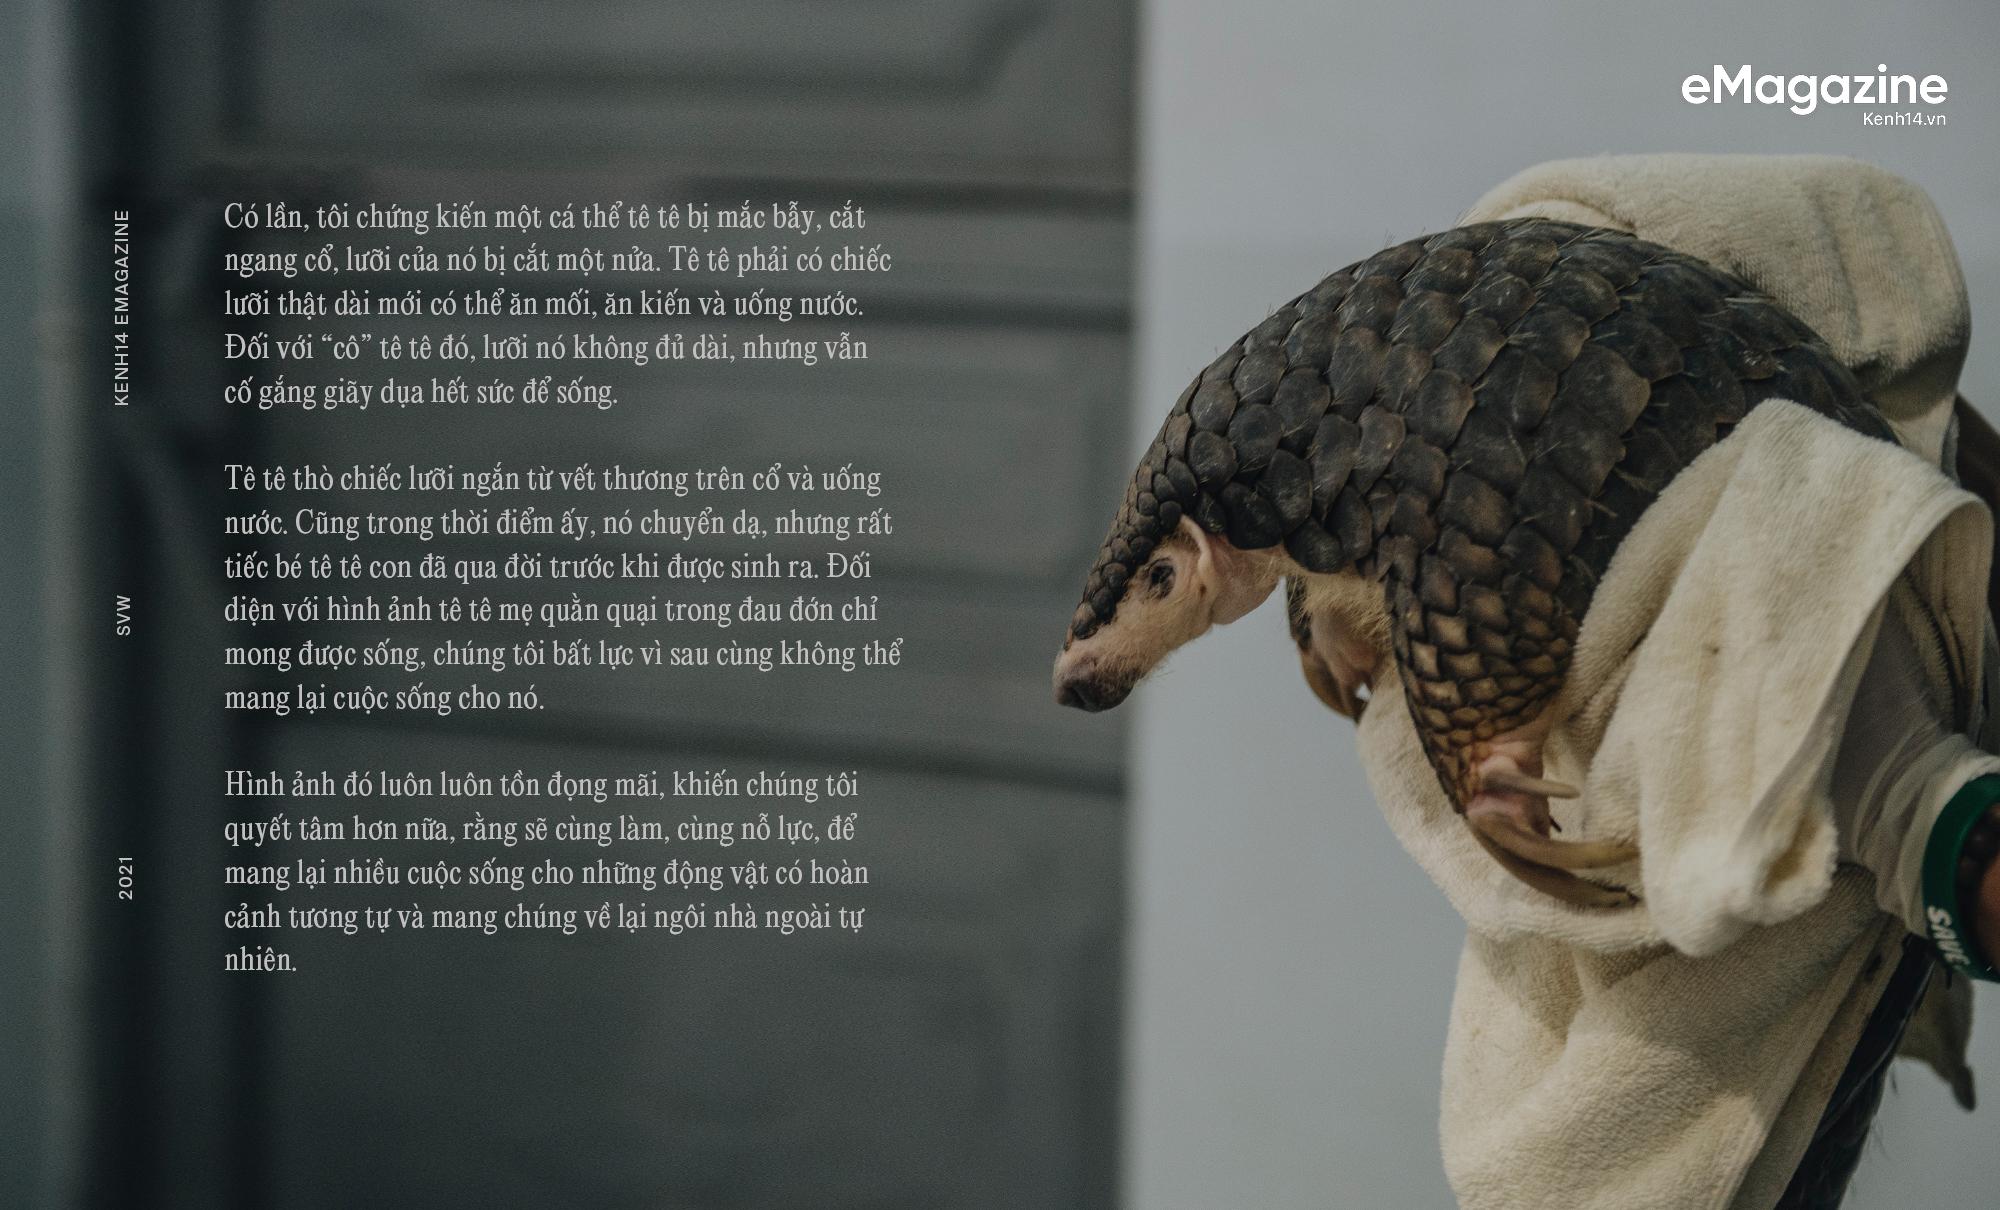 Đi tìm công bằng cho tê tê - Câu chuyện đầy xúc động của Nhà bảo tồn đầu tiên tại Việt Nam giành giải thưởng danh giá Nobel xanh - Ảnh 29.